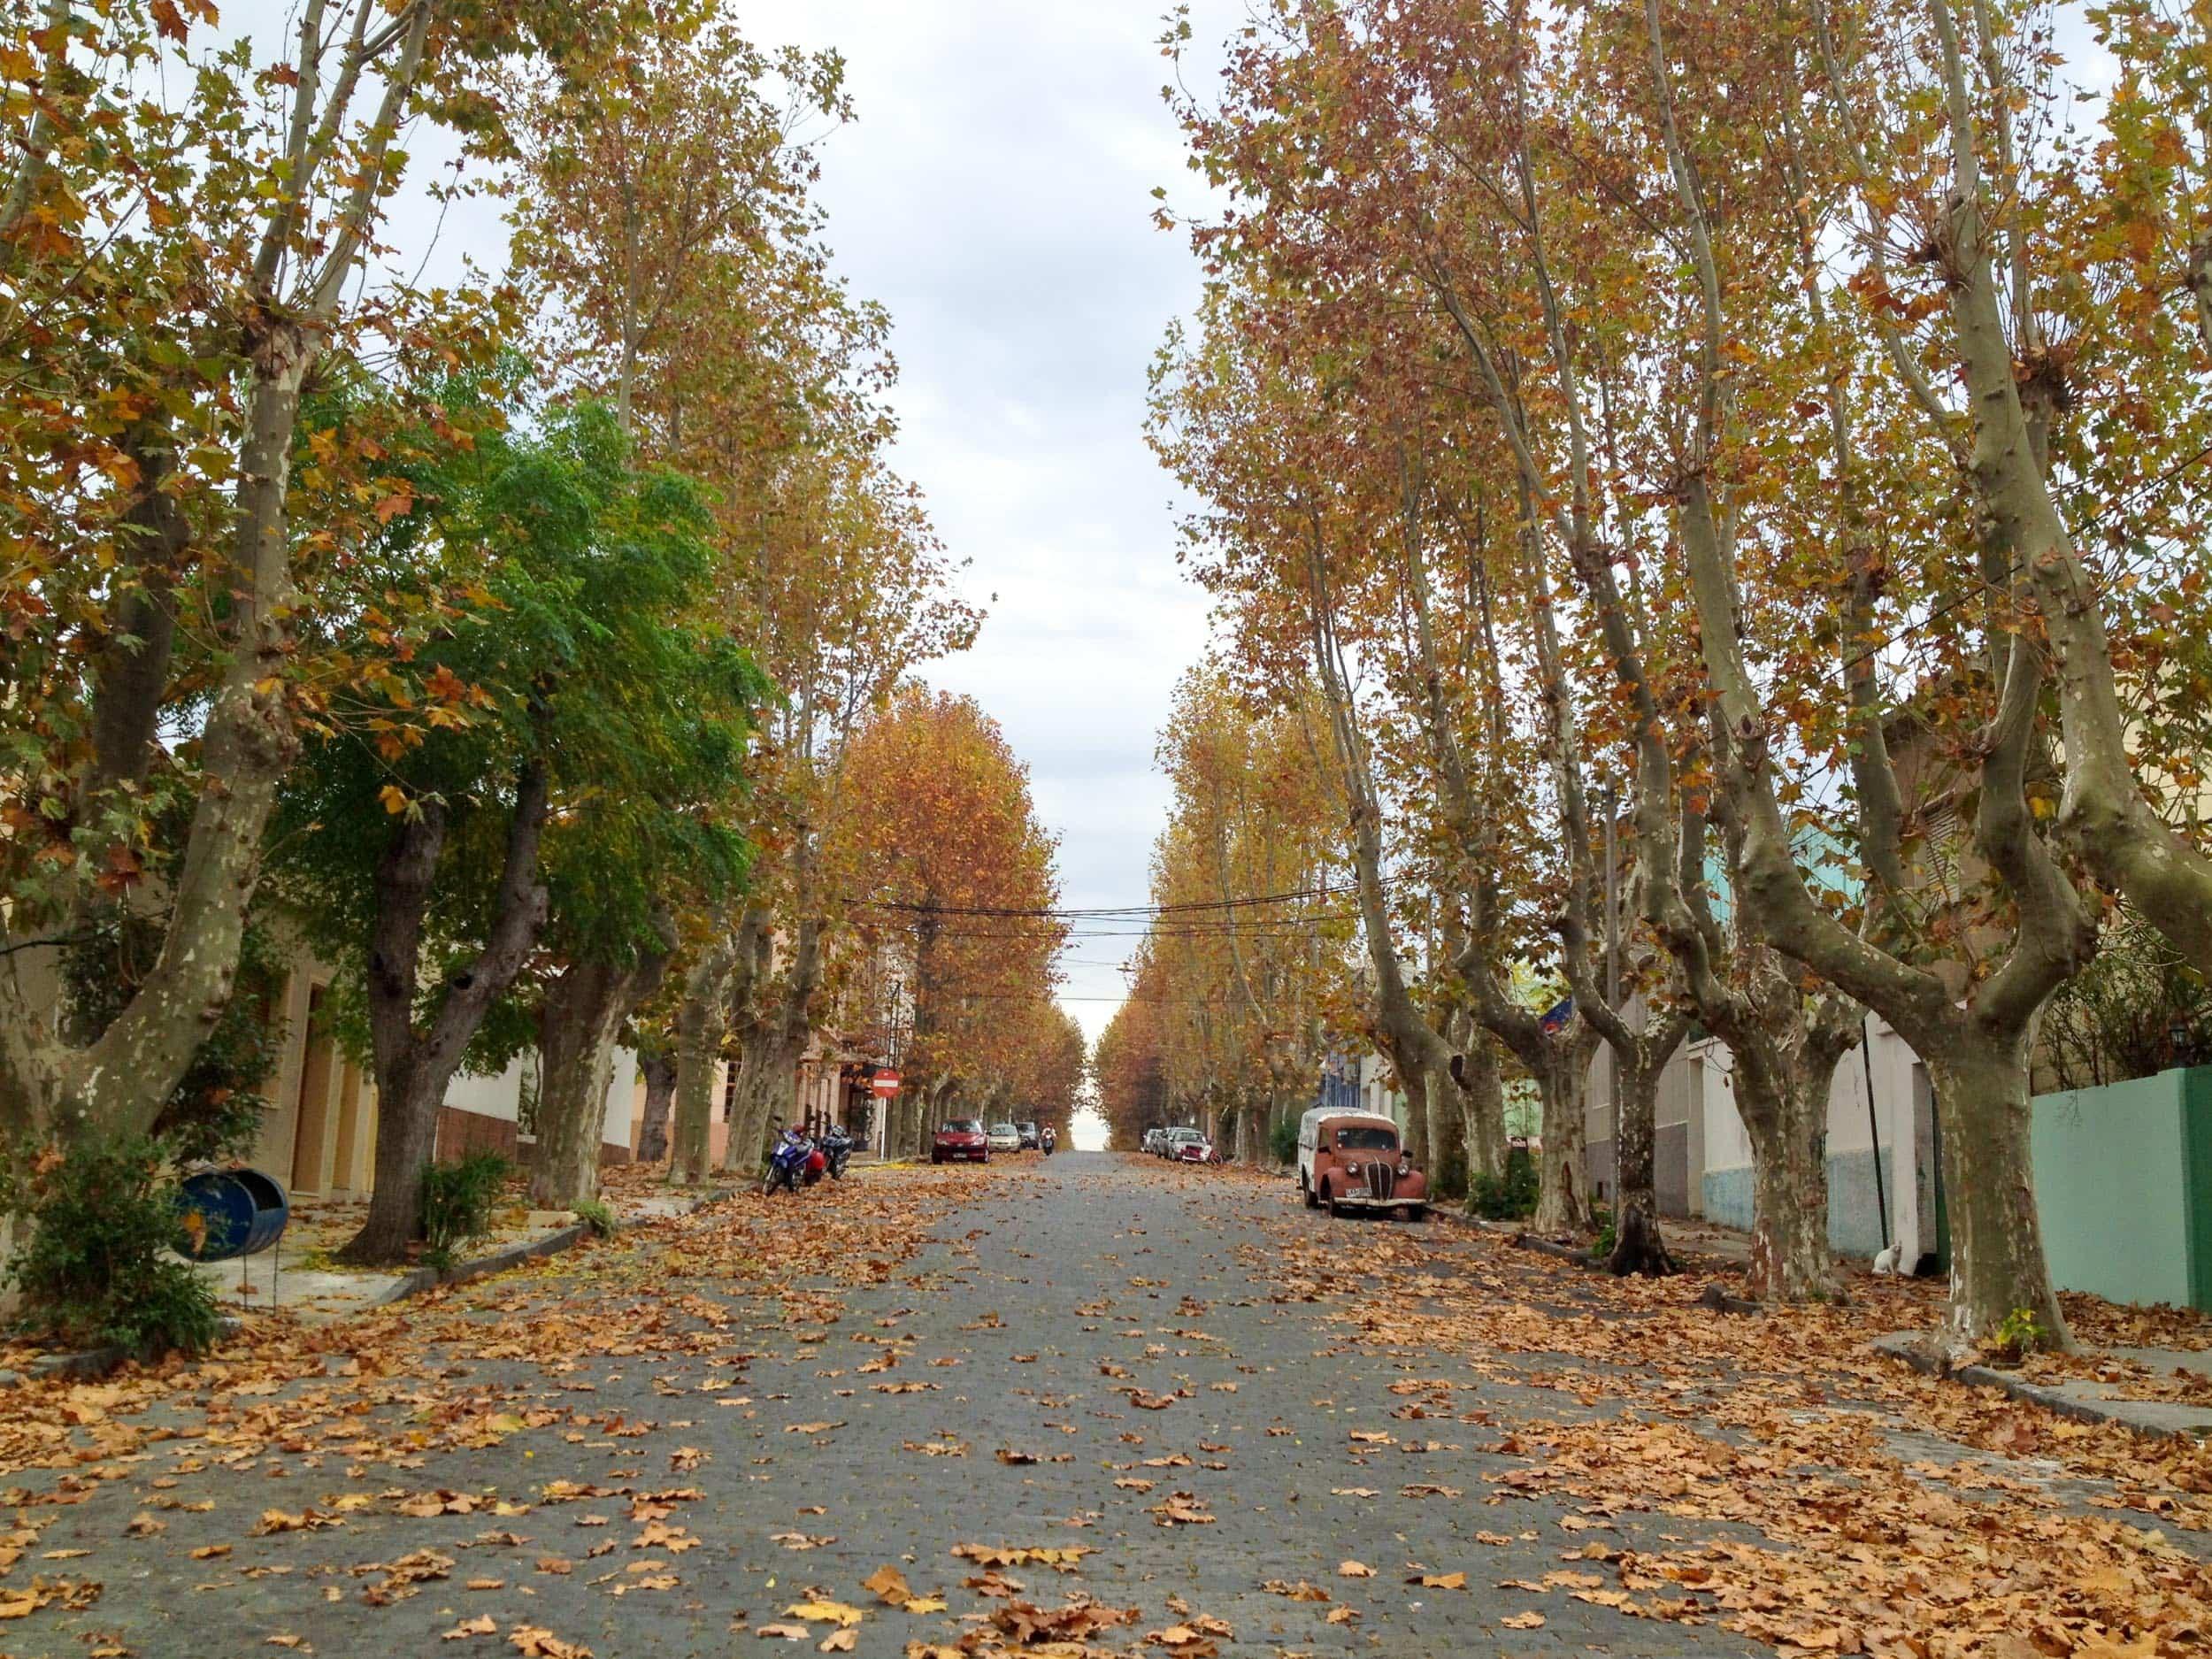 Autumn in Colonia